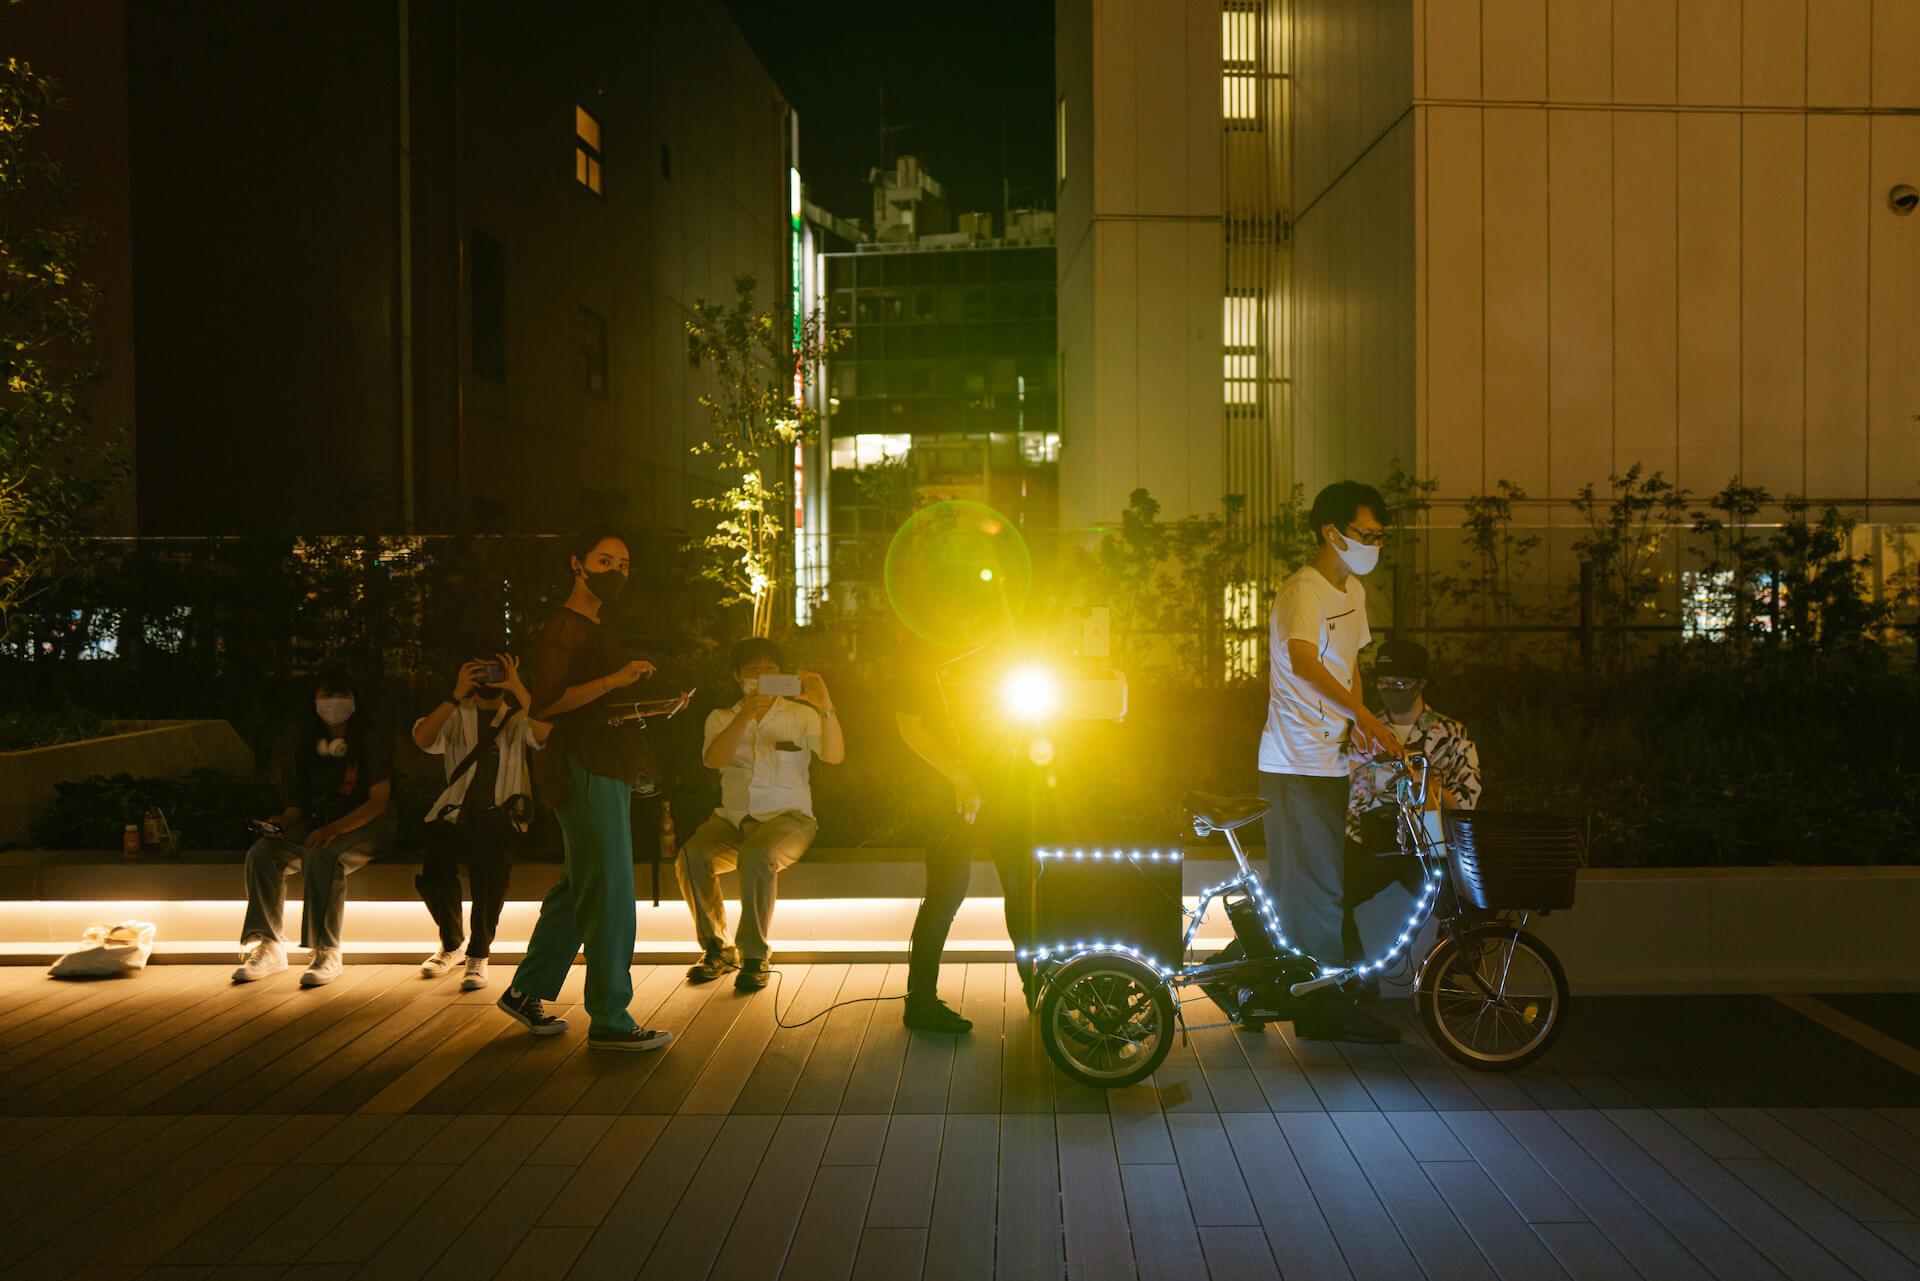 Keeenue × MAPP_ × ヒカリエデッキ|渋谷の夕景を彩るライブパフォーマンス column210802_mapp_your_world-06